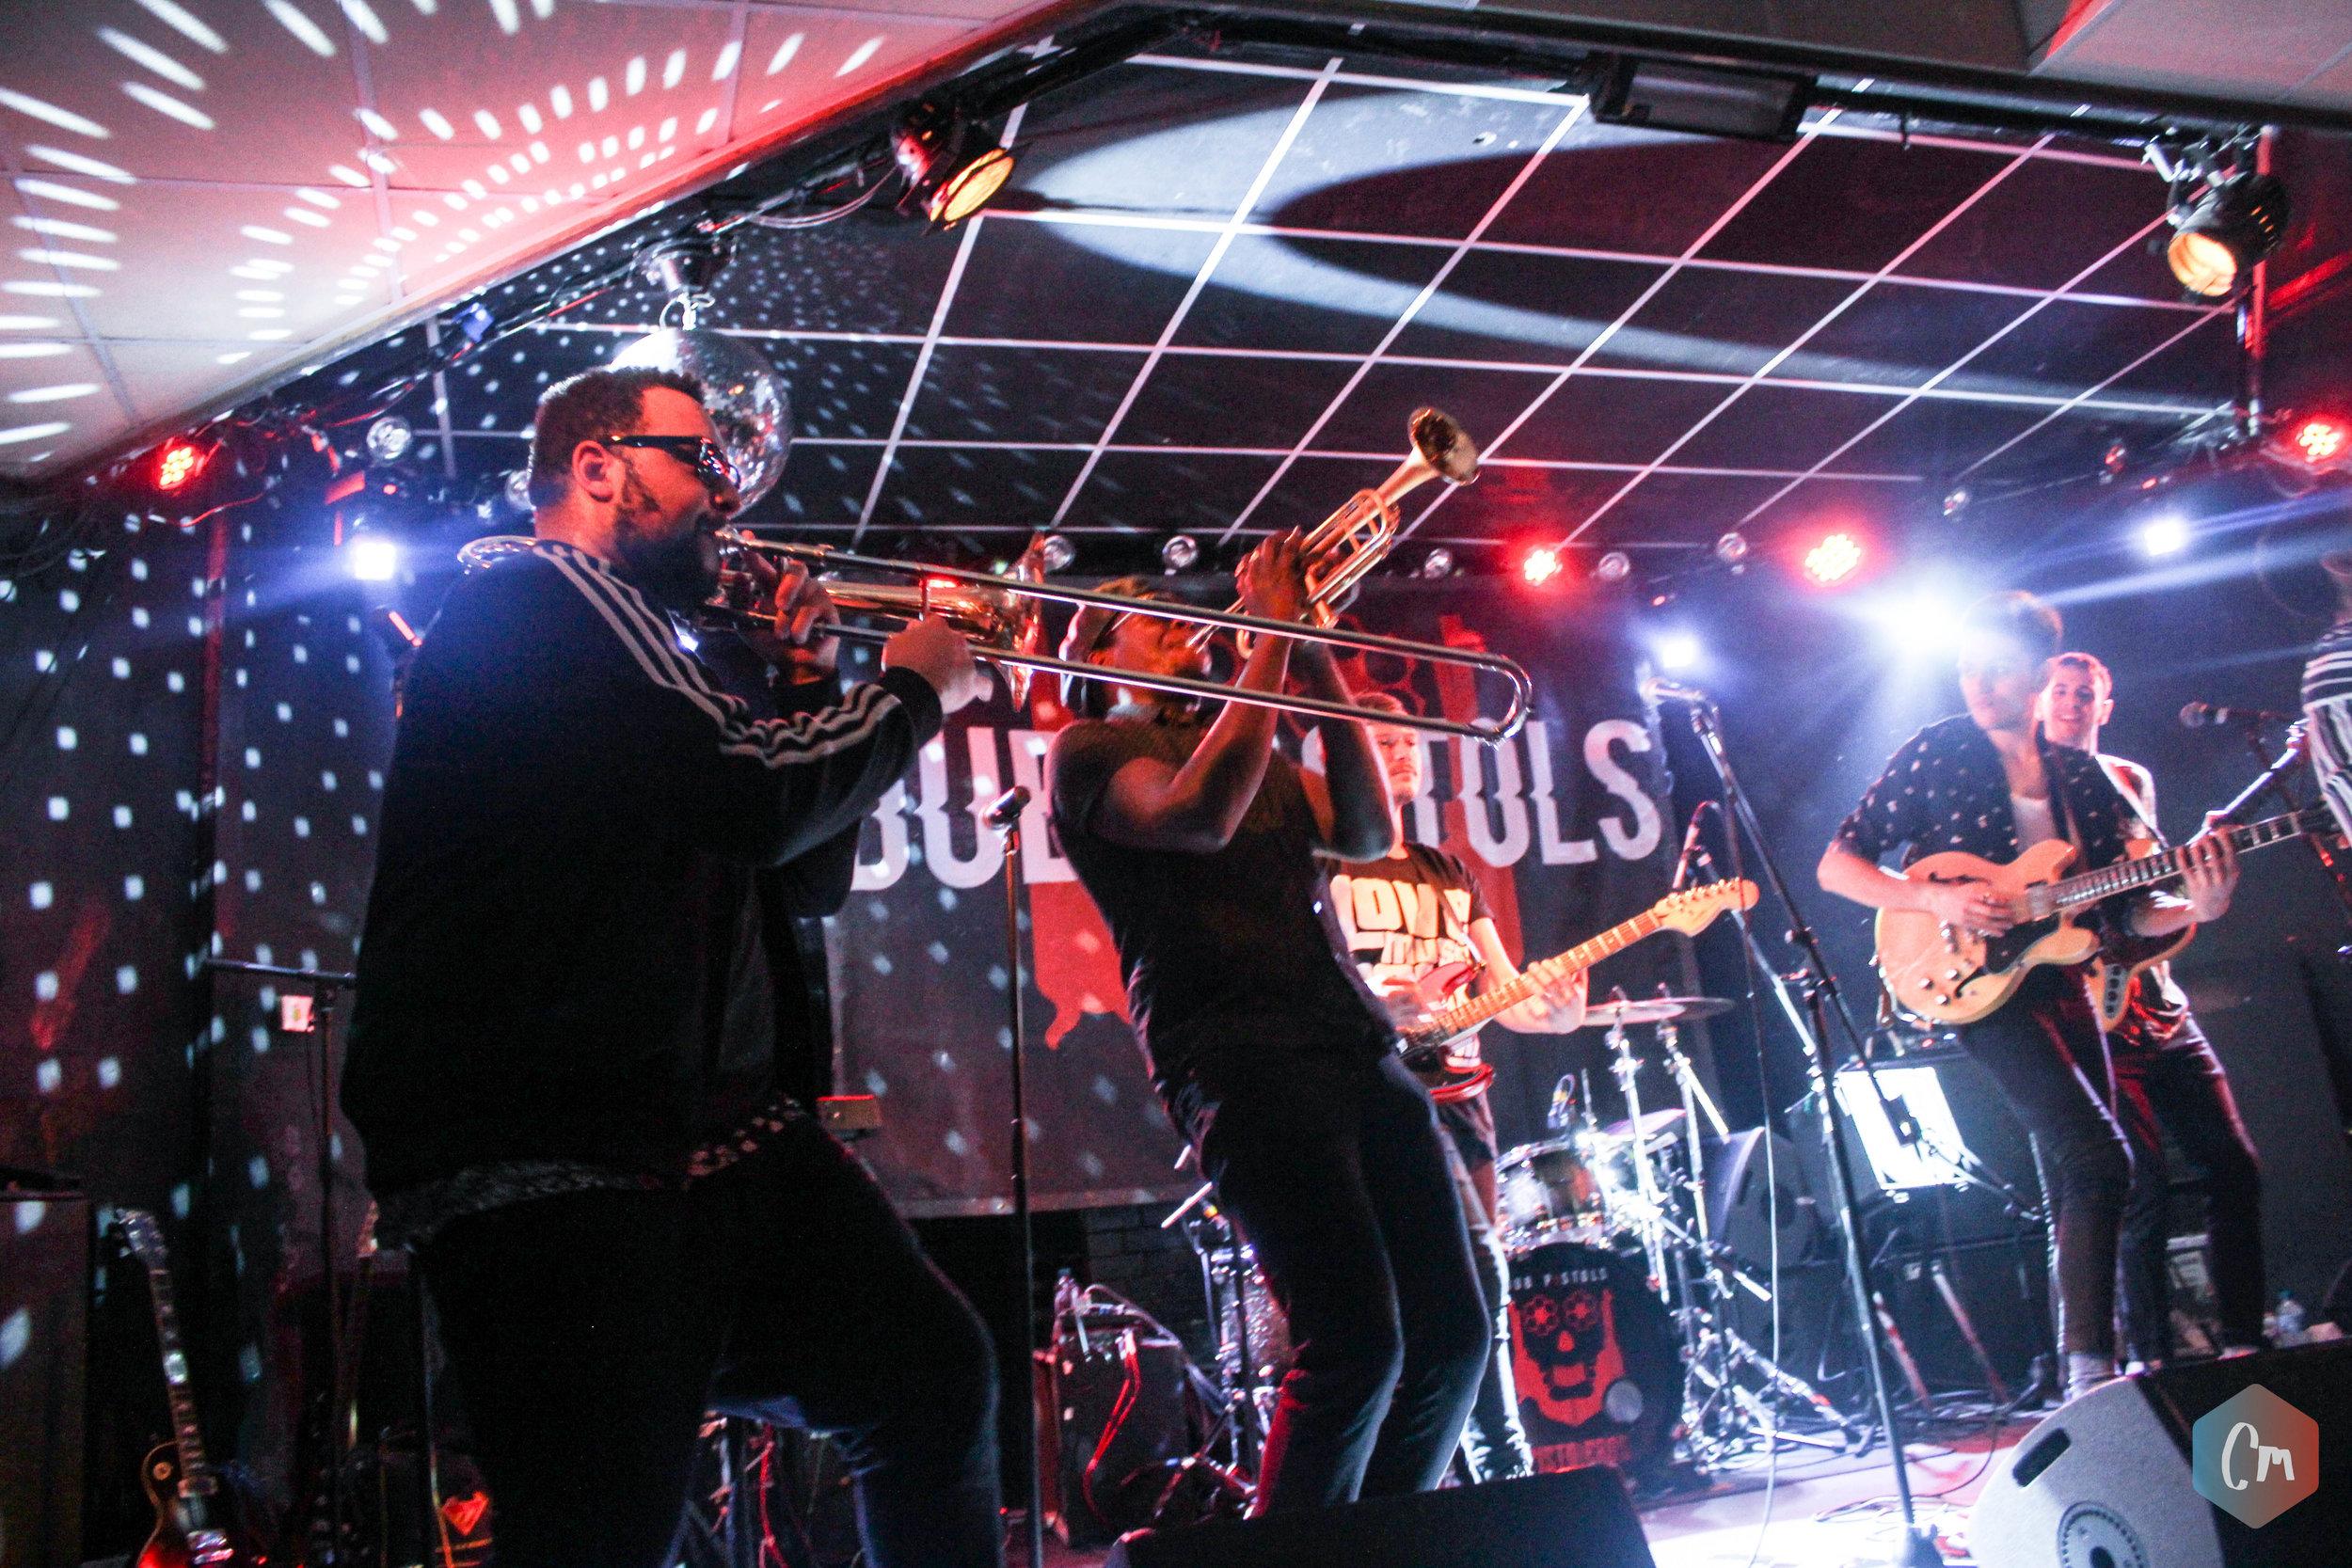 Copyright Concentus Music 2017